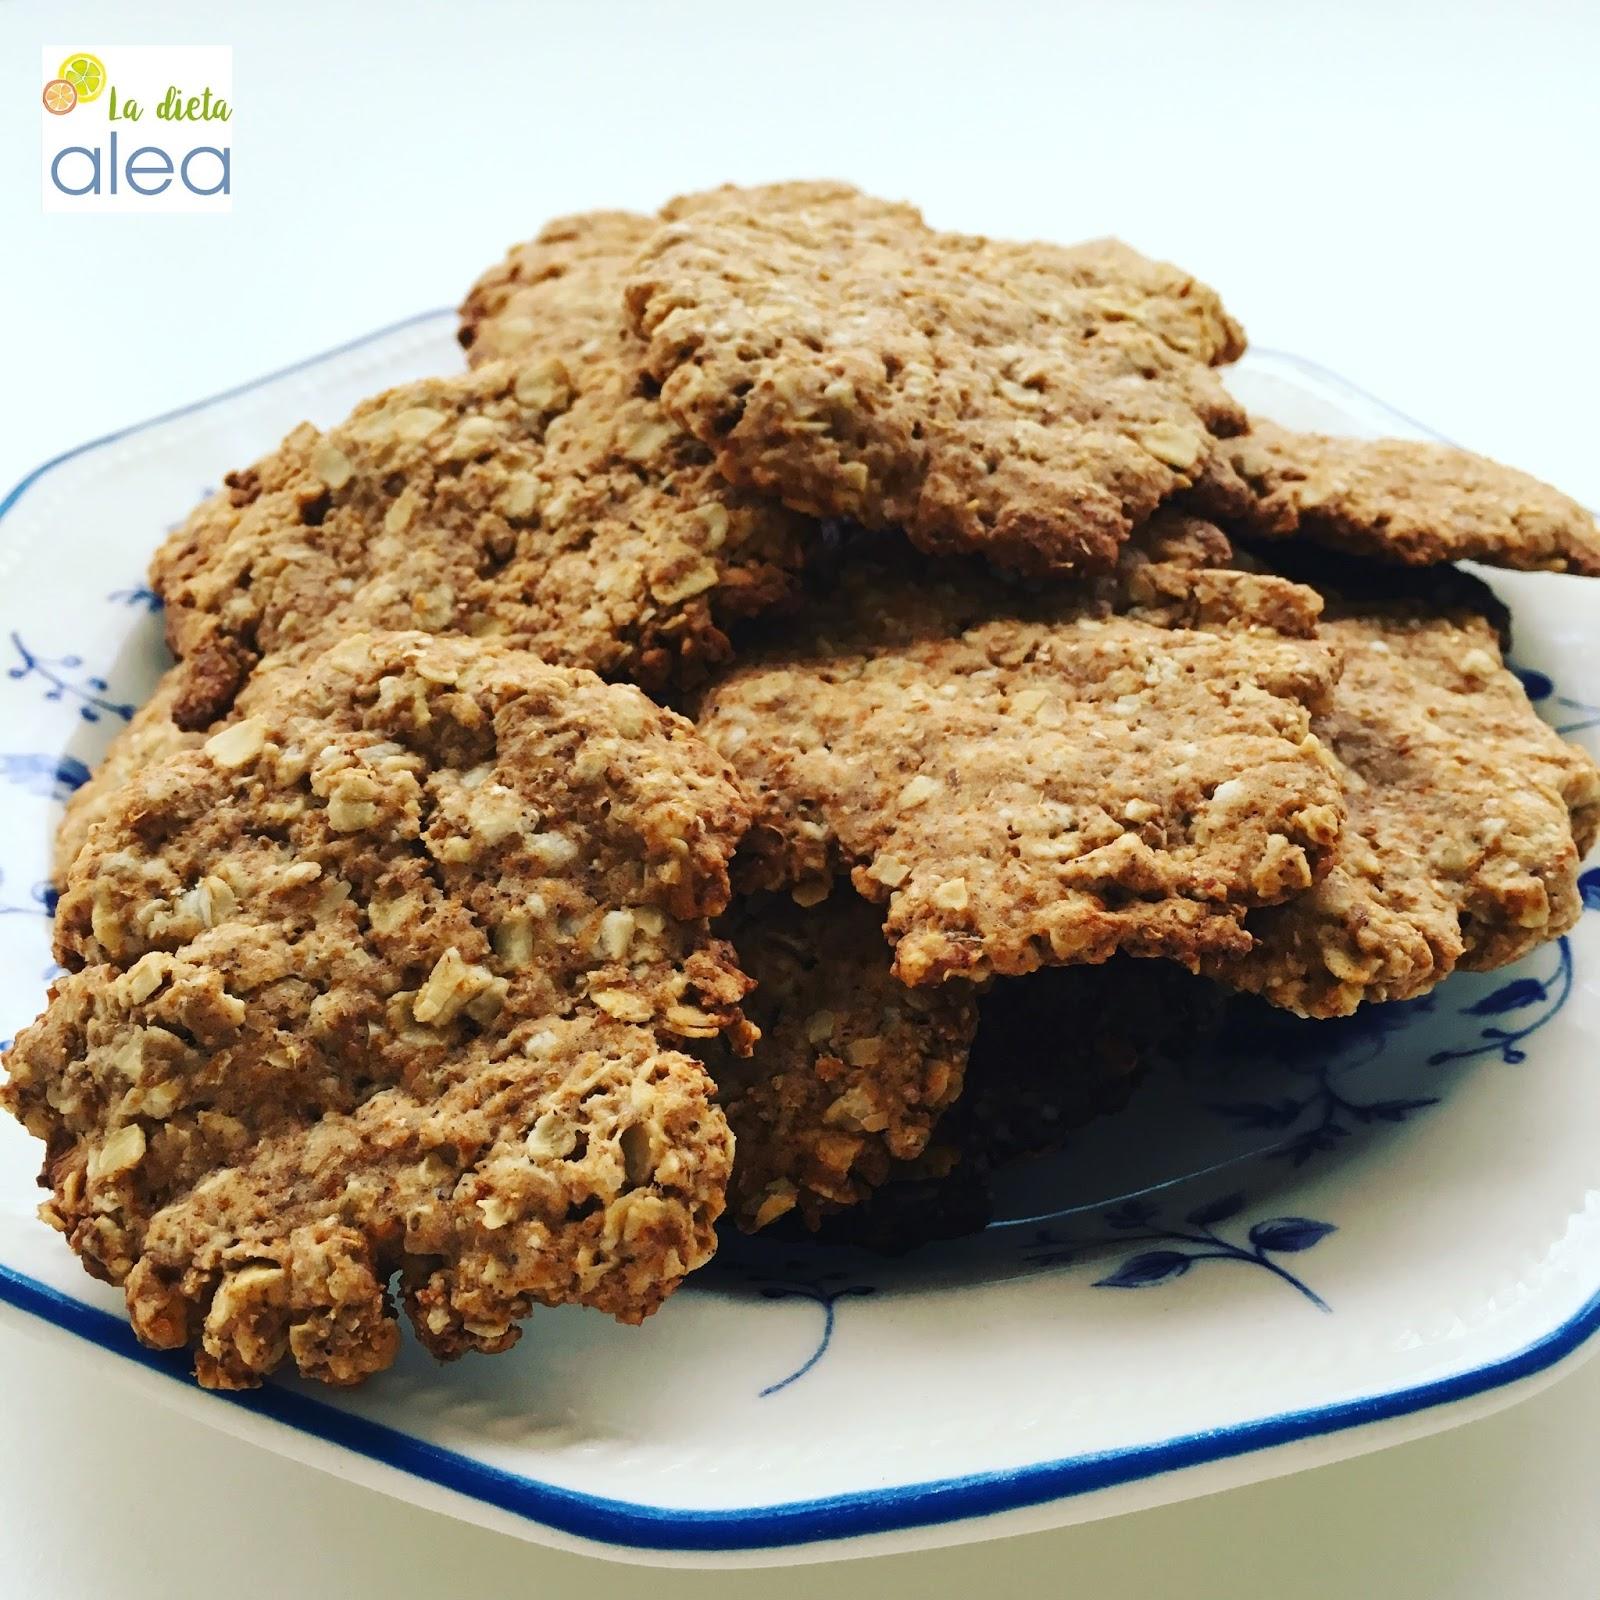 receta de galletas de dieta